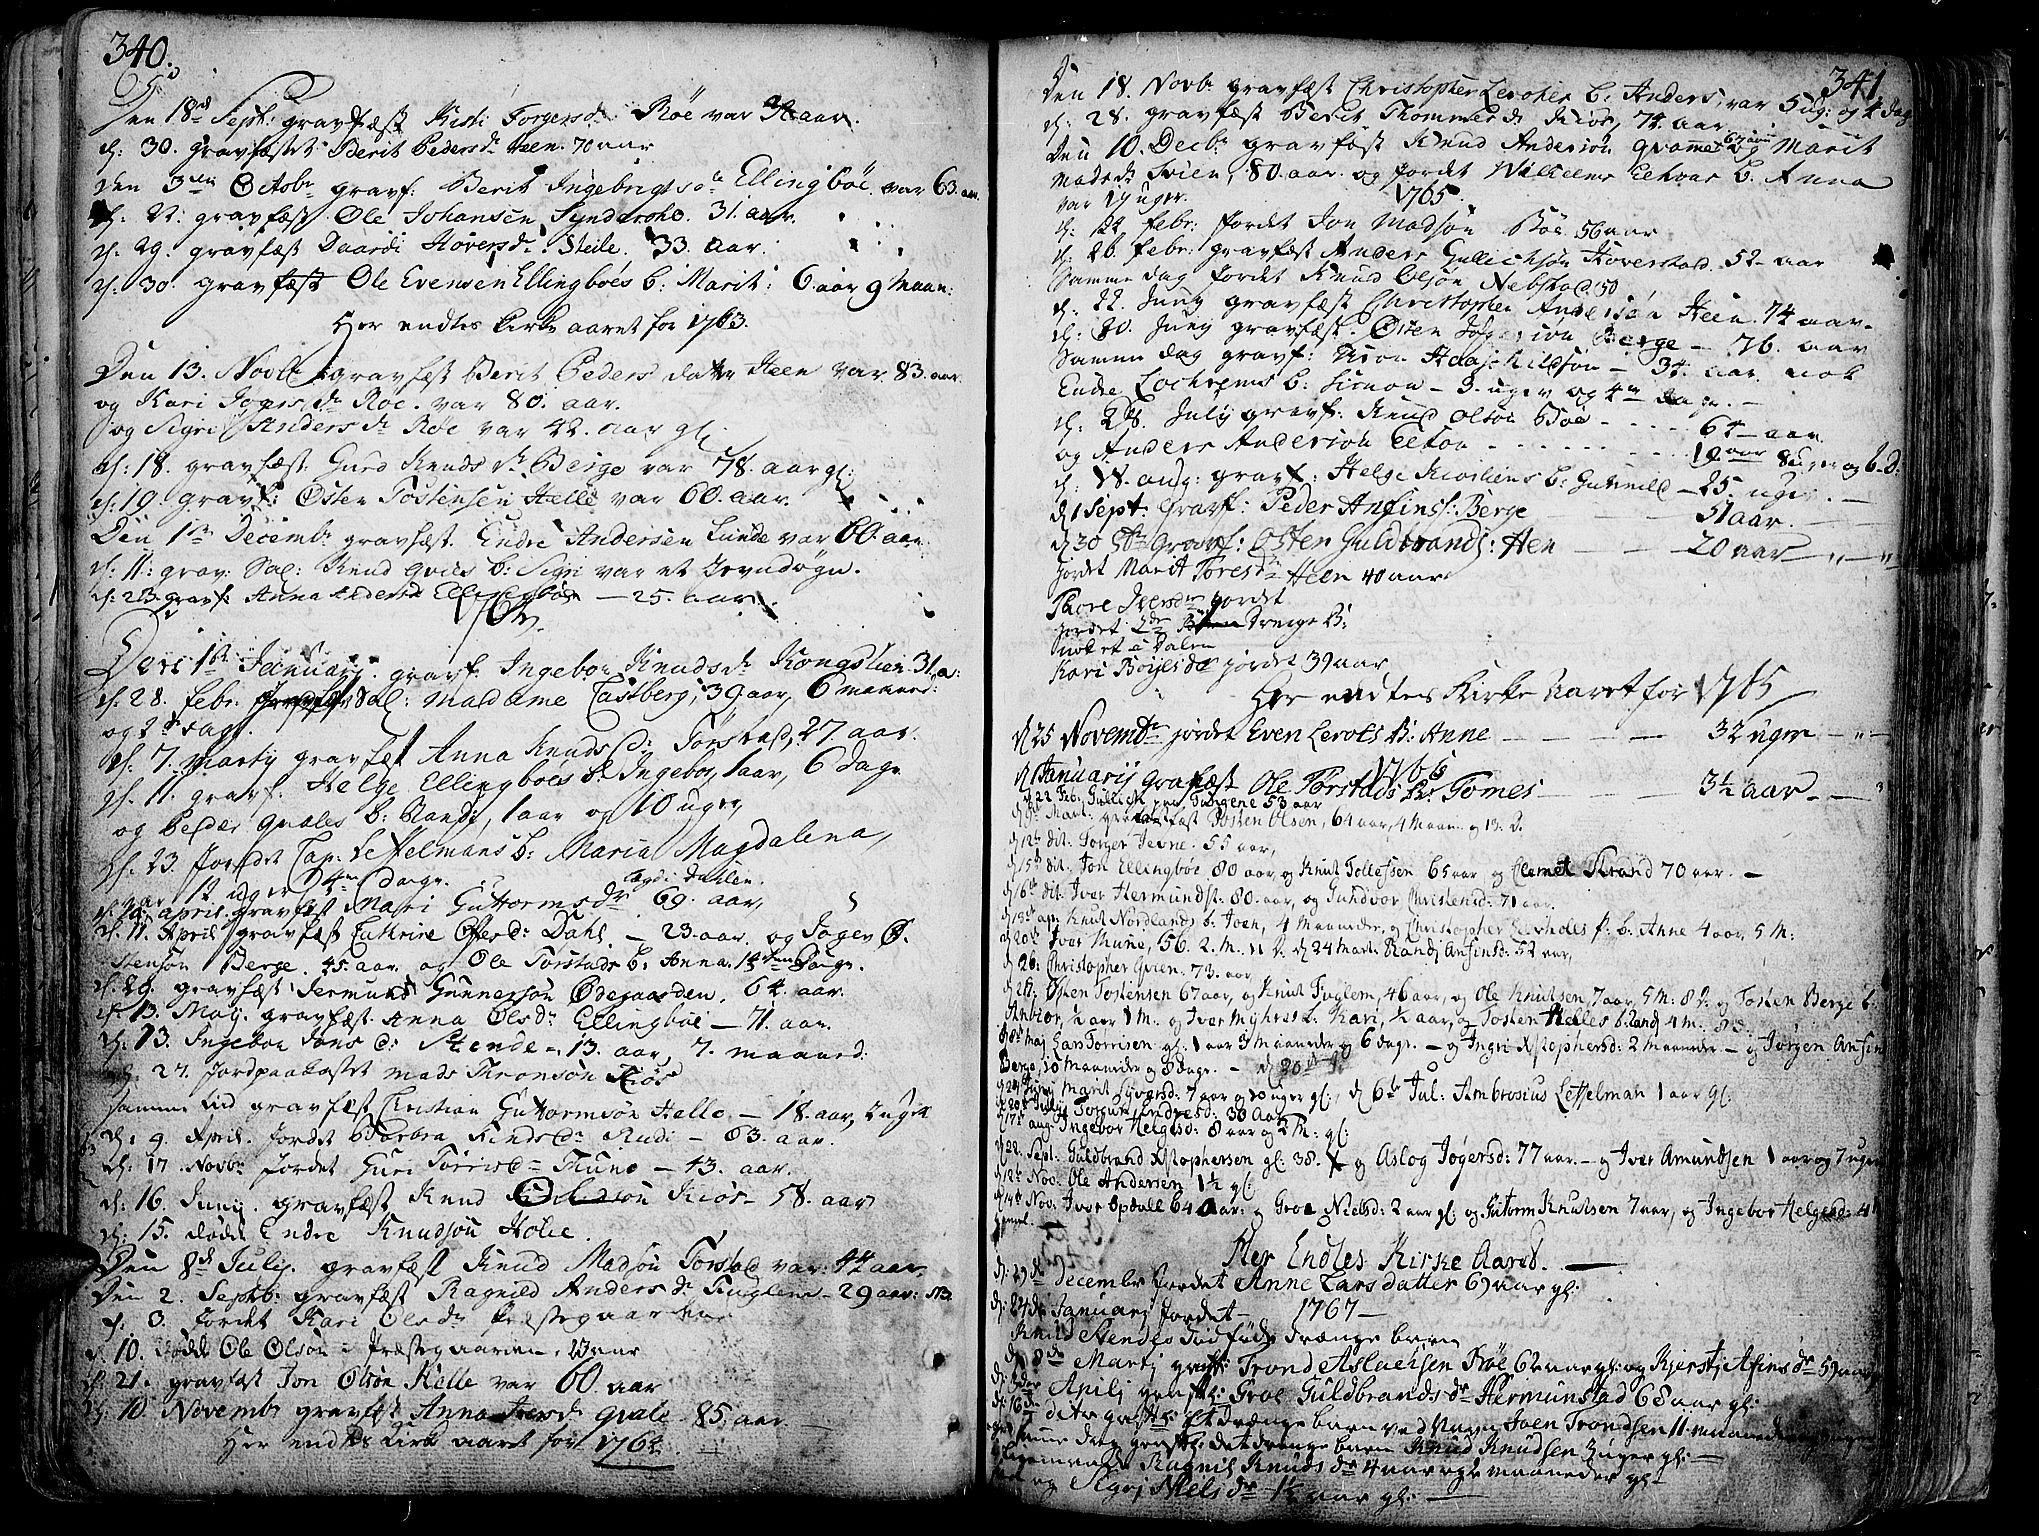 SAH, Vang prestekontor, Valdres, Ministerialbok nr. 1, 1730-1796, s. 340-341